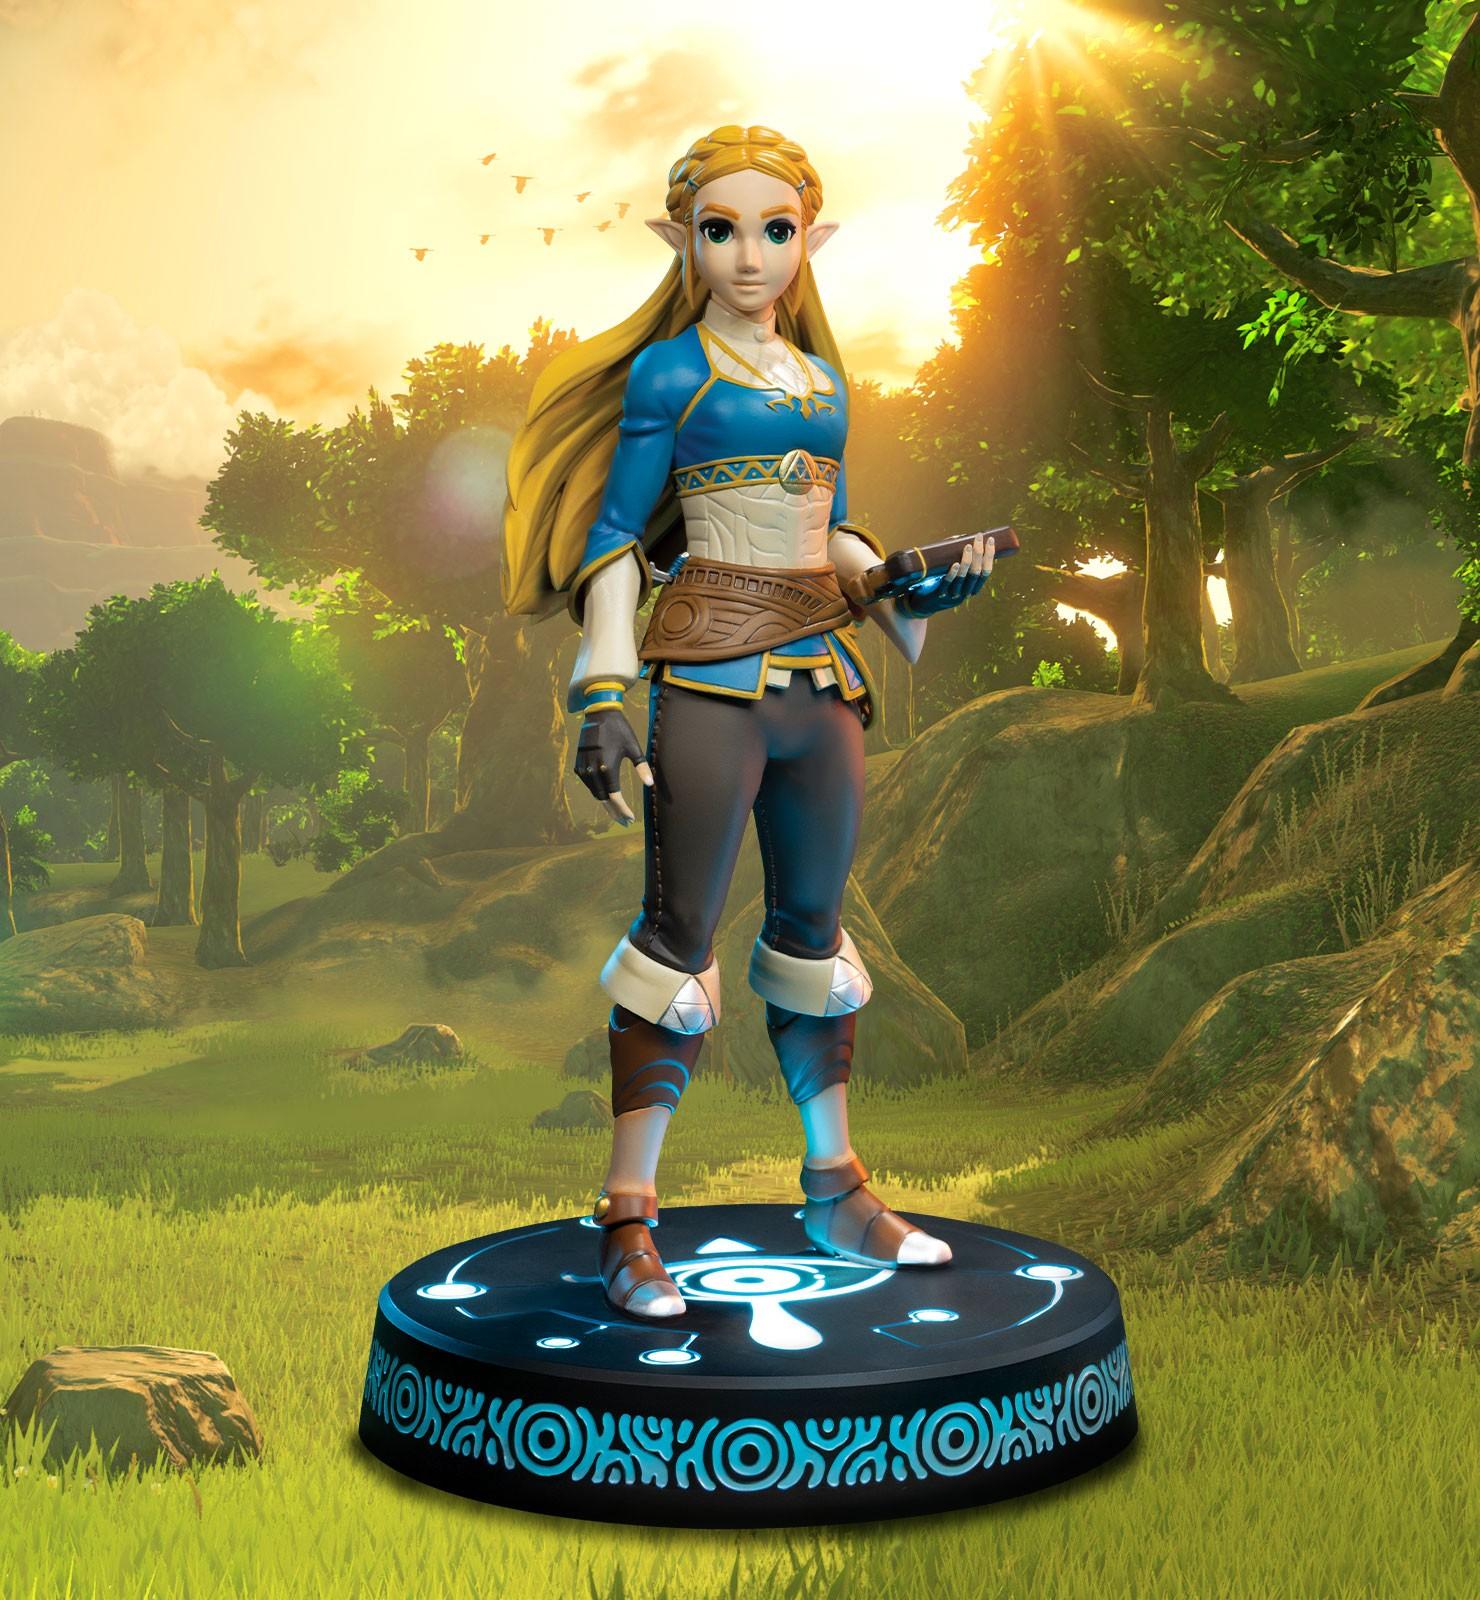 The Legend of Zelda Breath of the Wild Zelda Exclusive Edition PVC Statue